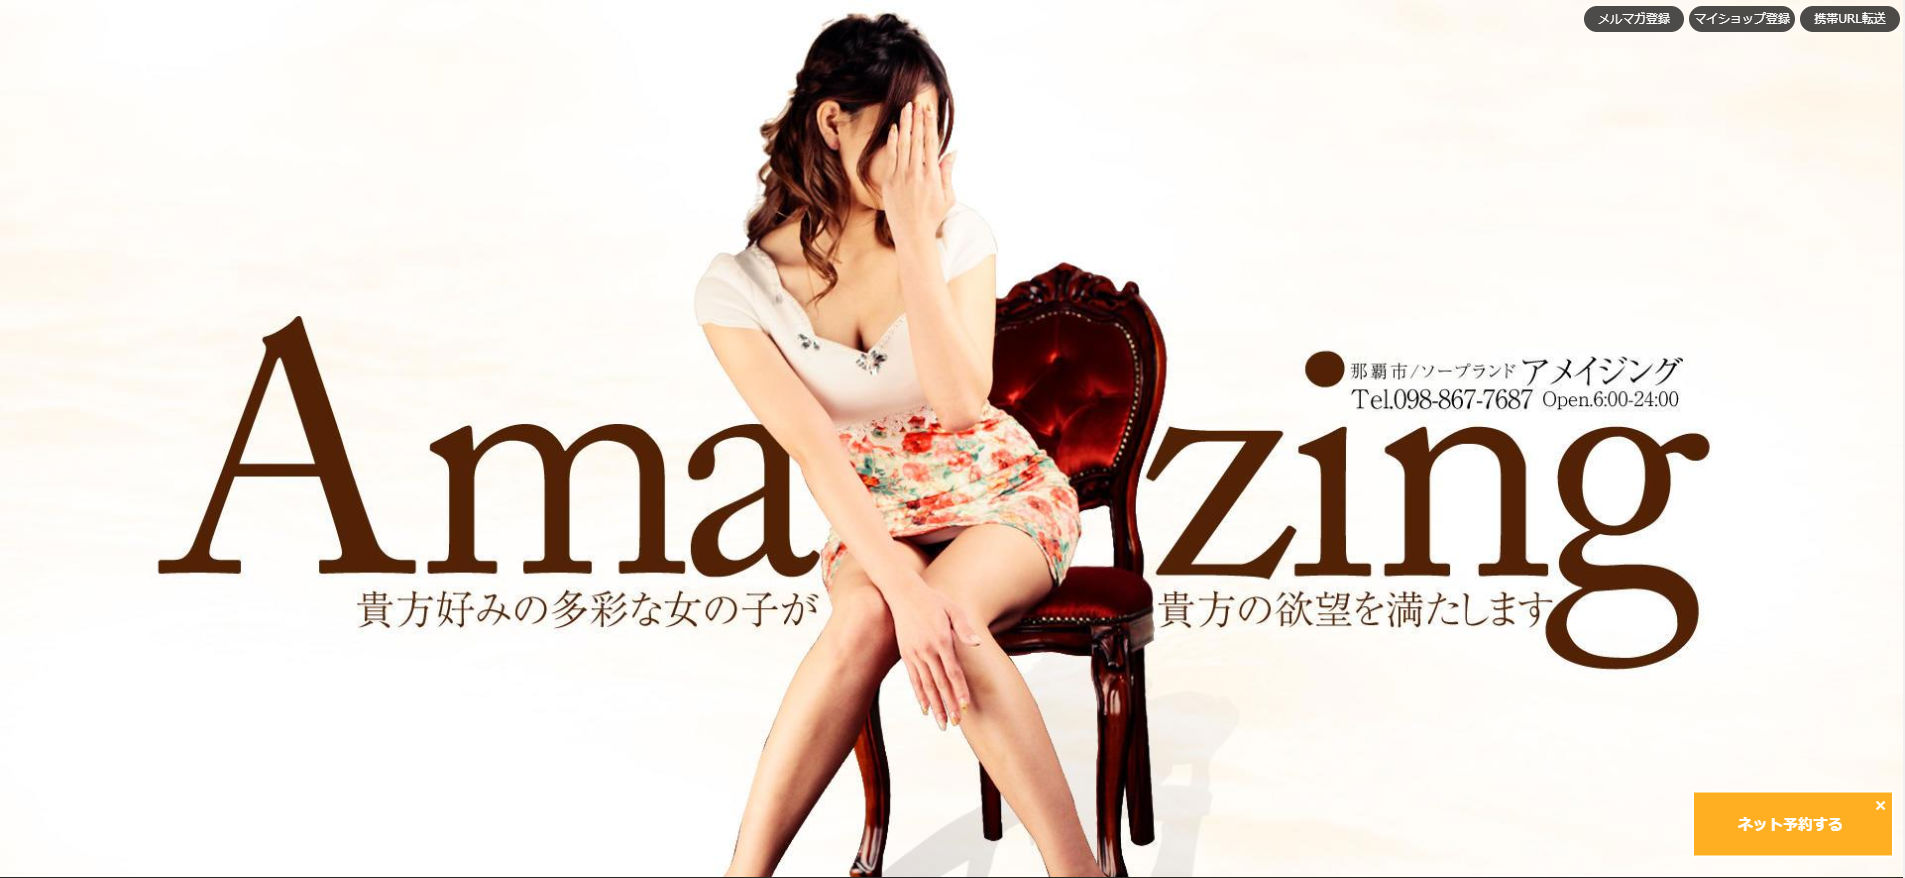 【沖縄07】沖縄の風呂屋「Amazing」で店員の質を疑ってしまう出来事が…。